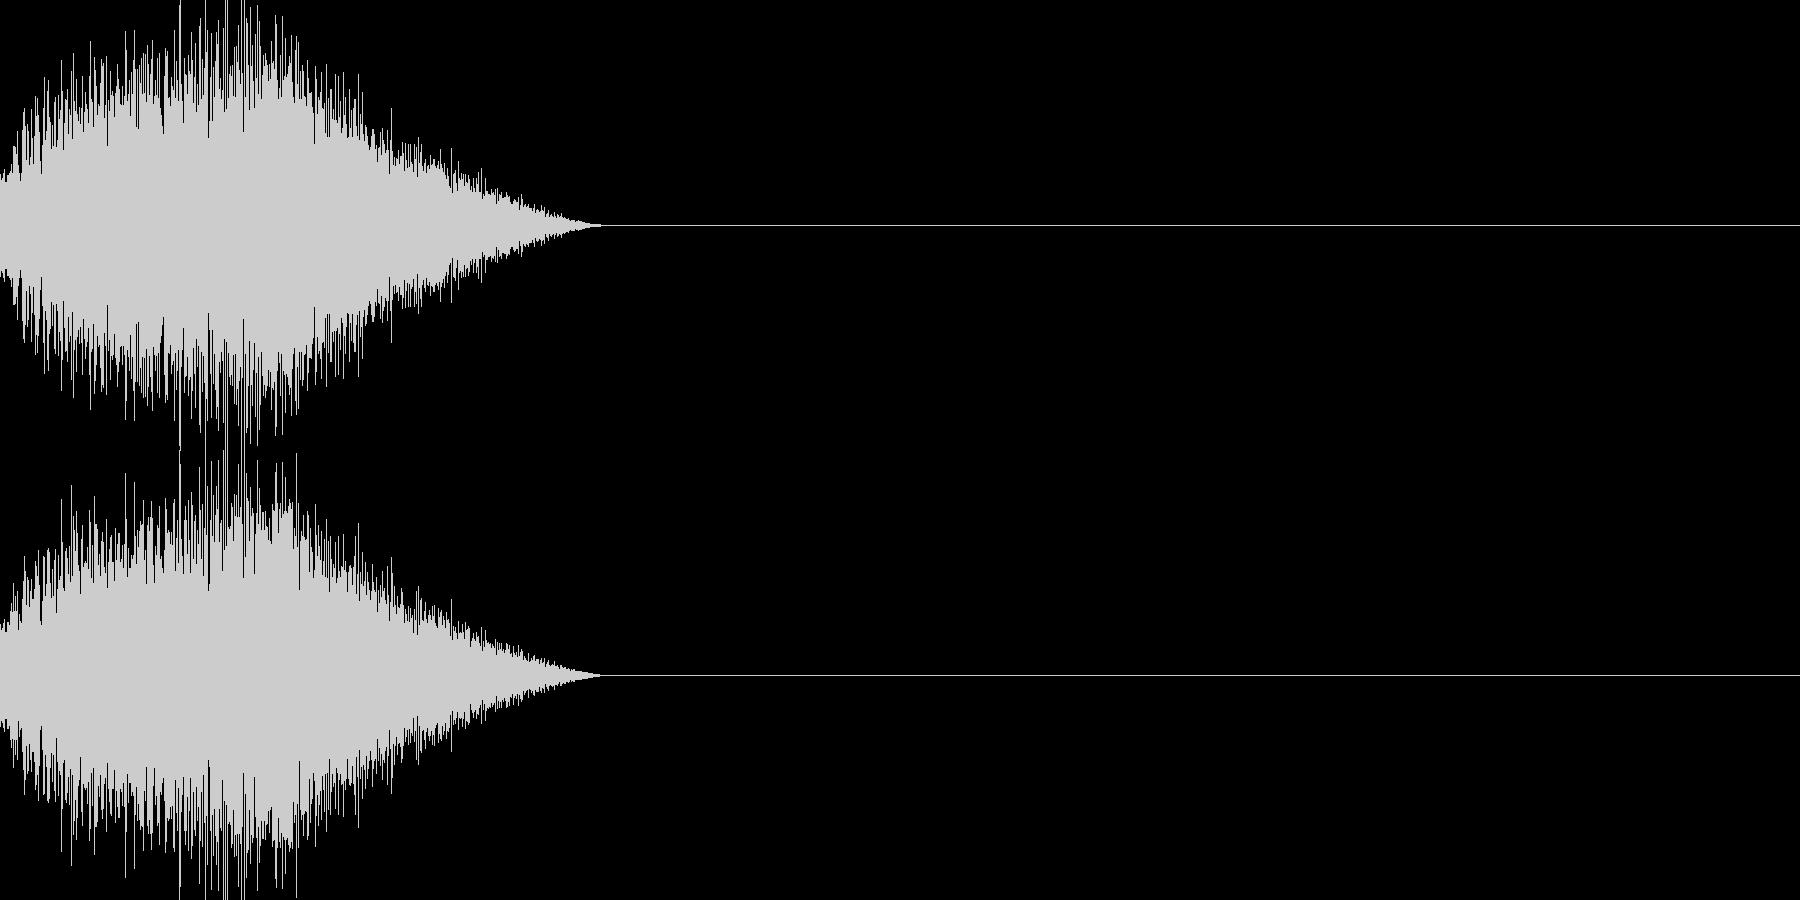 魔法 きめ細かい音の未再生の波形